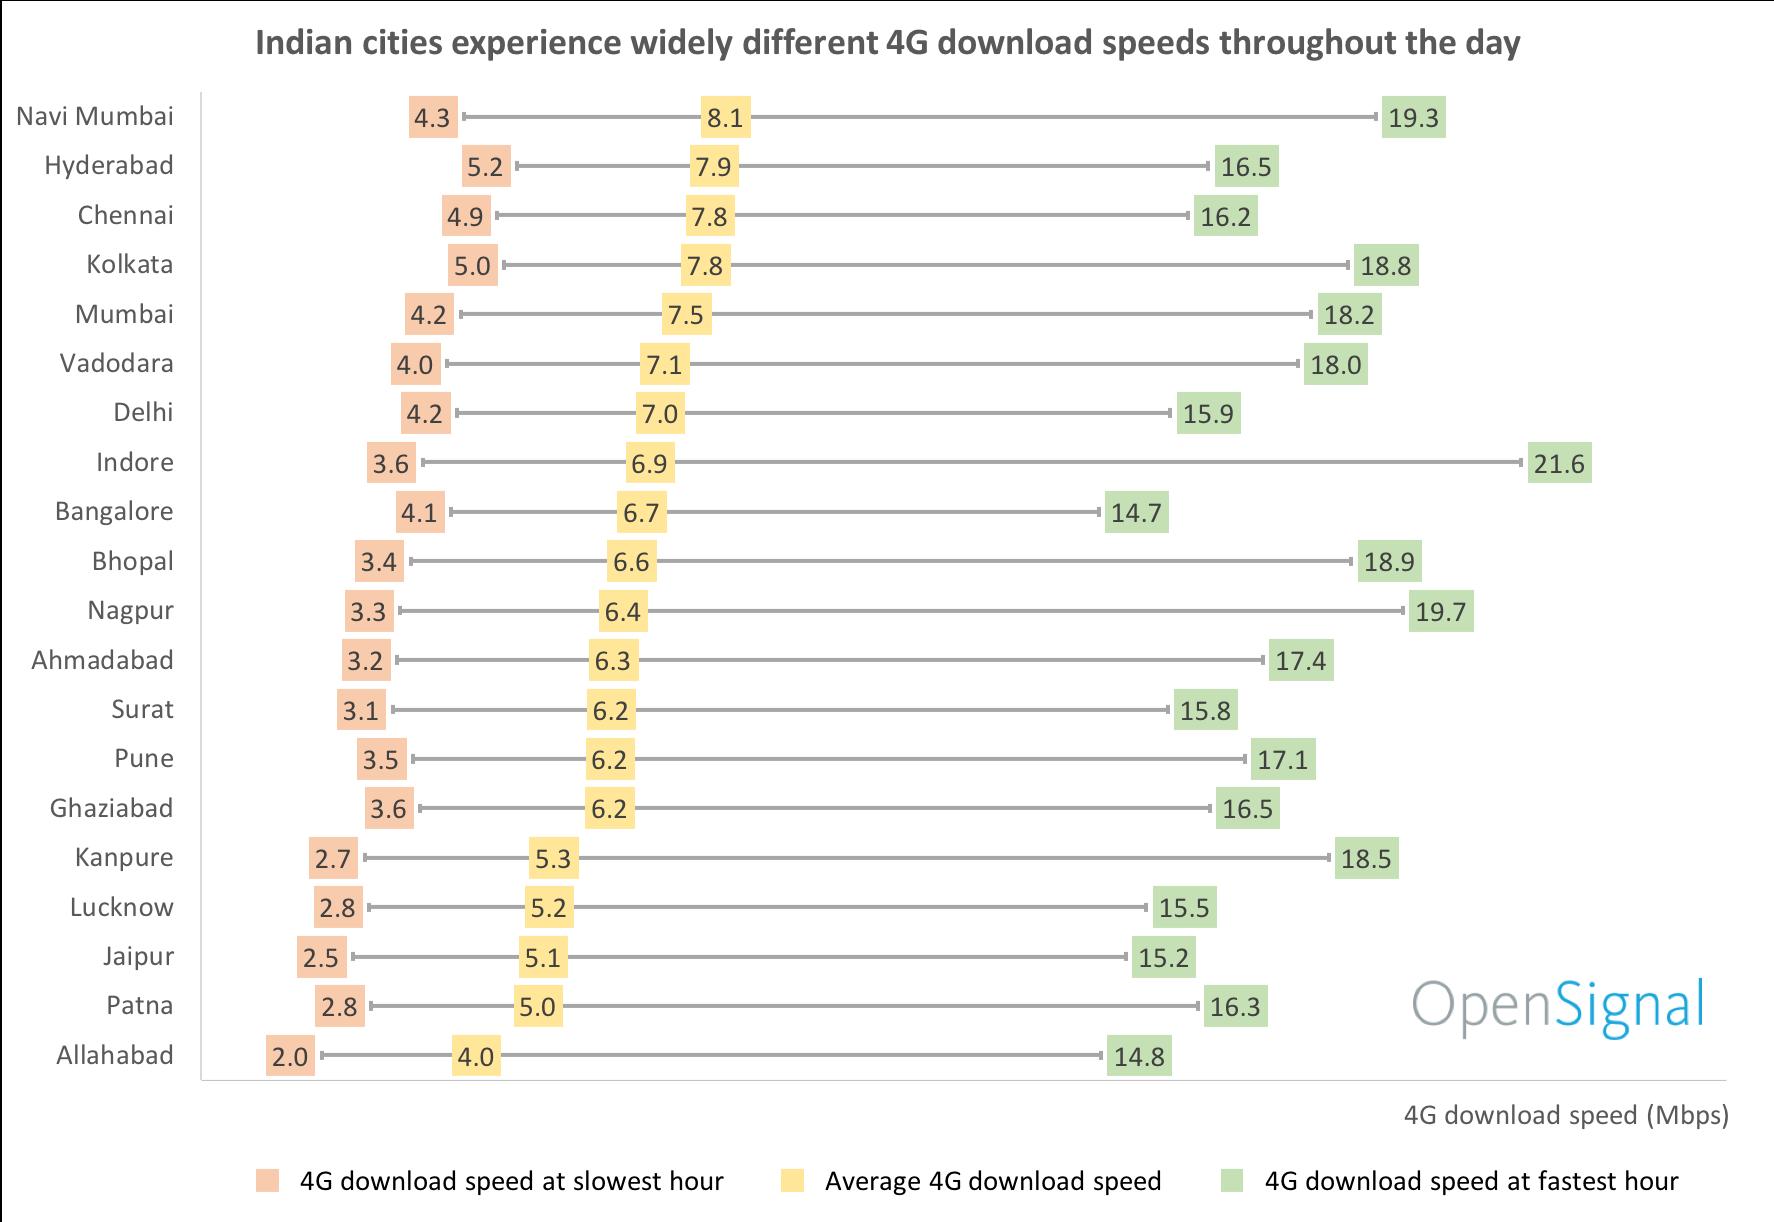 Figure 1: 4G download speeds across 20 cities in India